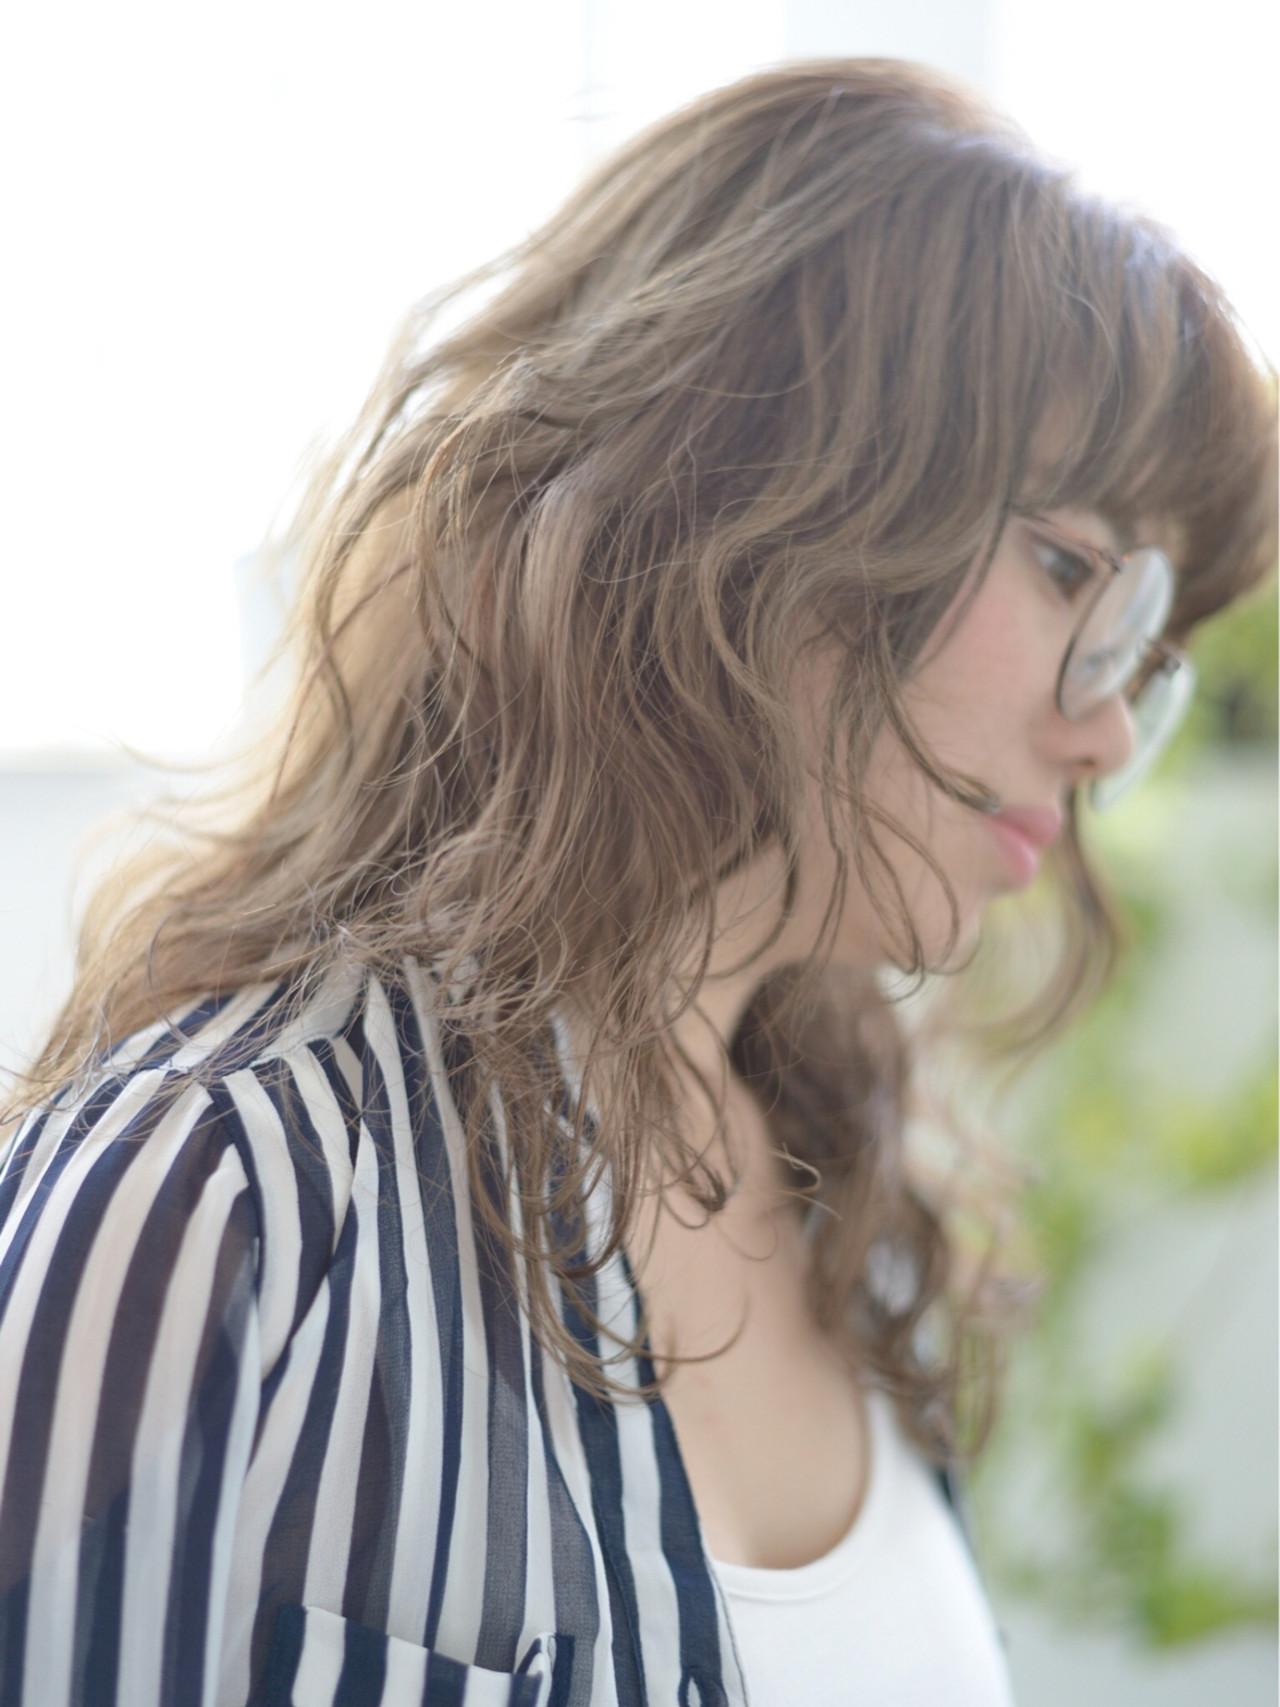 セミロング 波ウェーブ 外国人風 透明感 ヘアスタイルや髪型の写真・画像